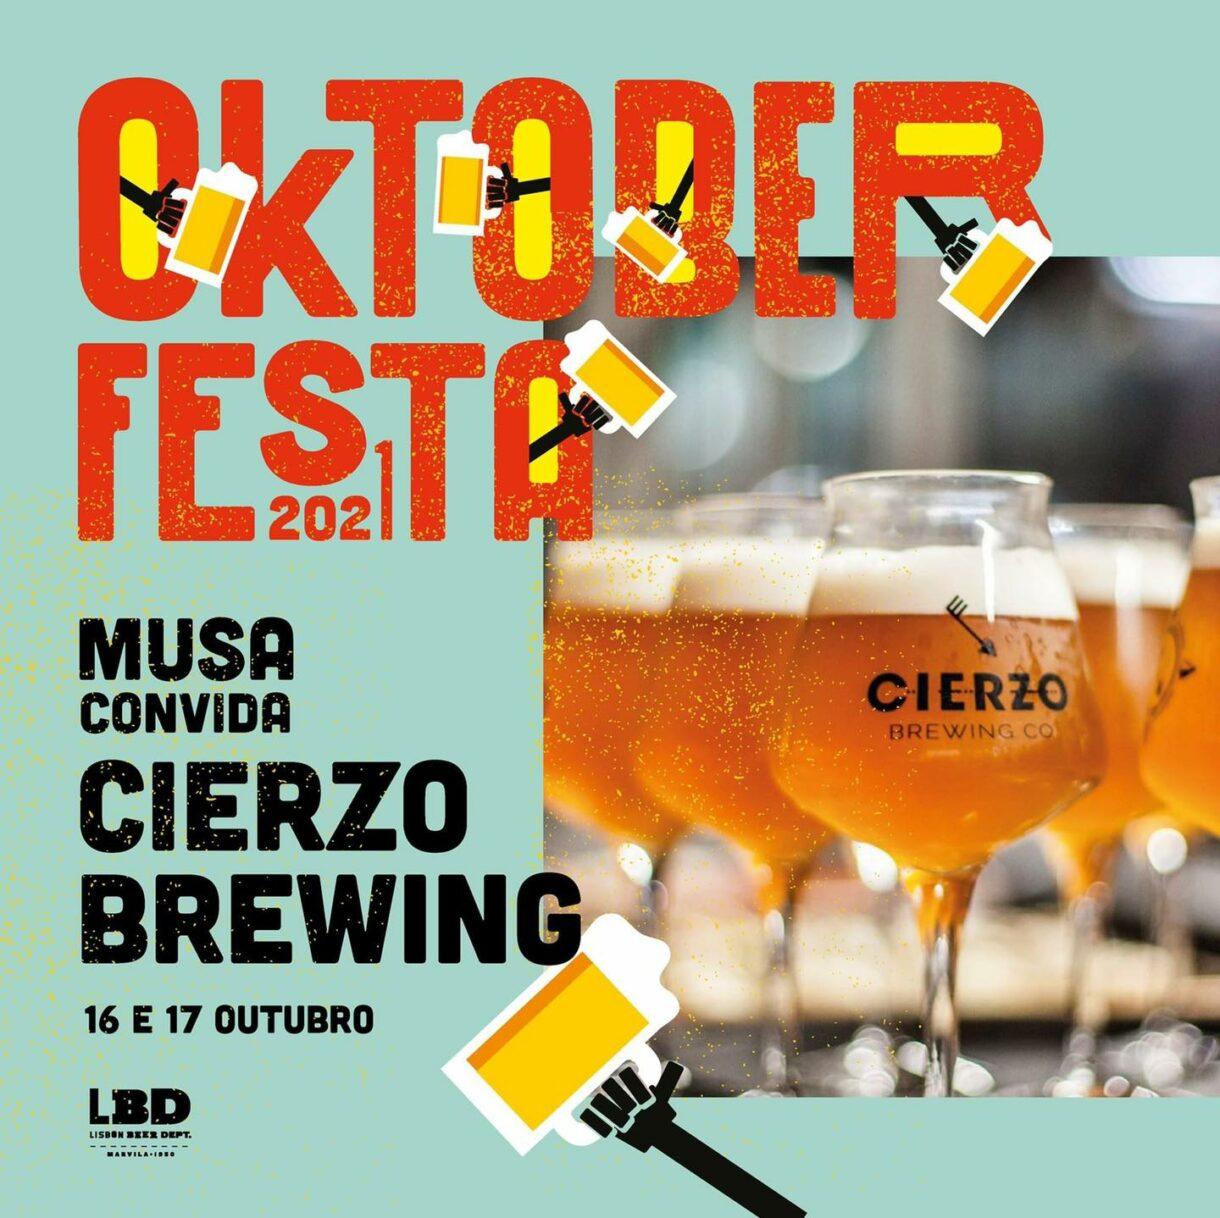 oktober festa lisboa cerveza craft beer